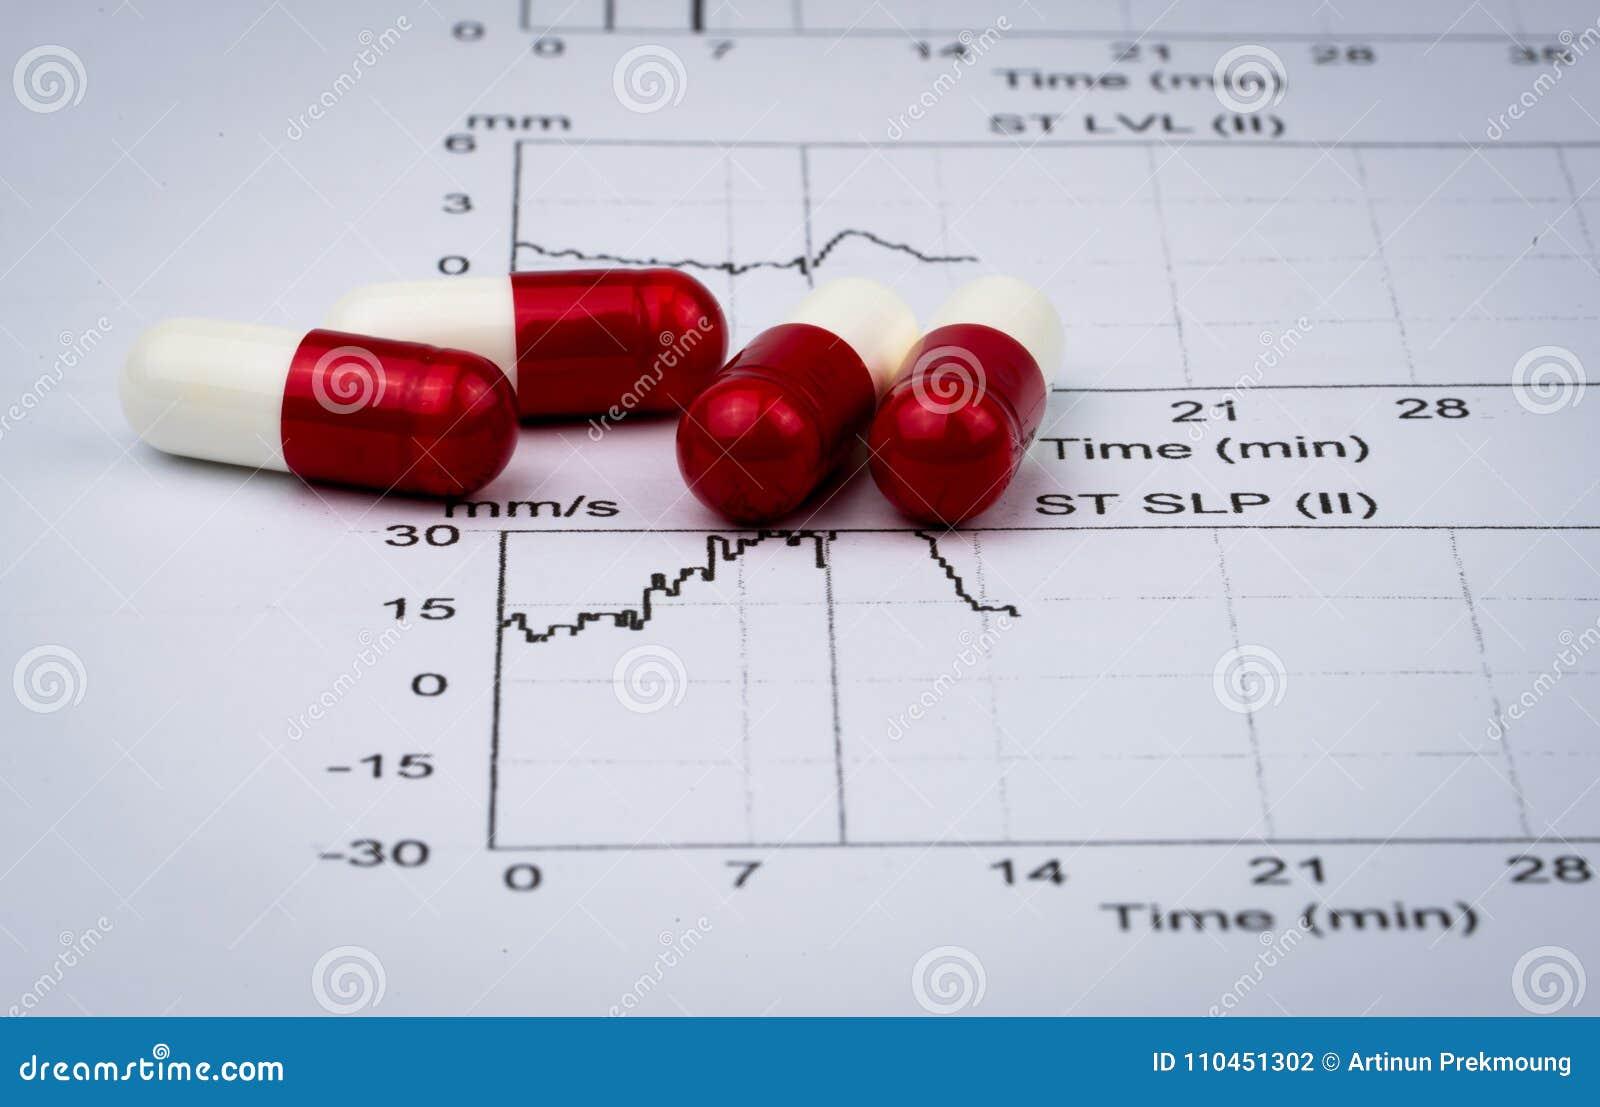 Papper för rapport för EKG- eller ECG-elektrokardiogramgraf EST övar preventivpillerar för kapsel för stresstestresultat och röd-